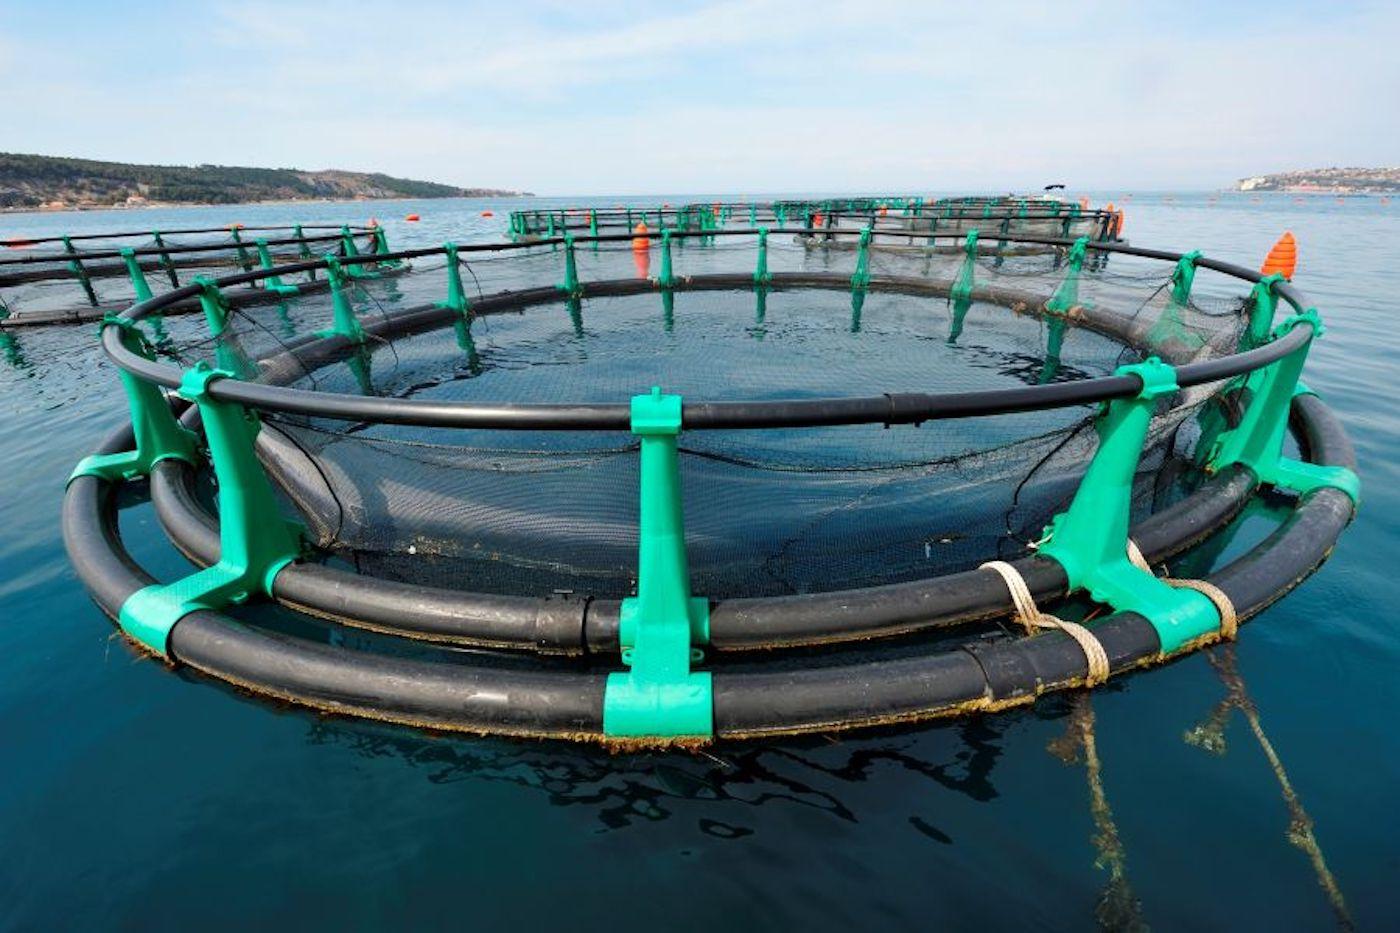 L'allevamento ittico Fonda